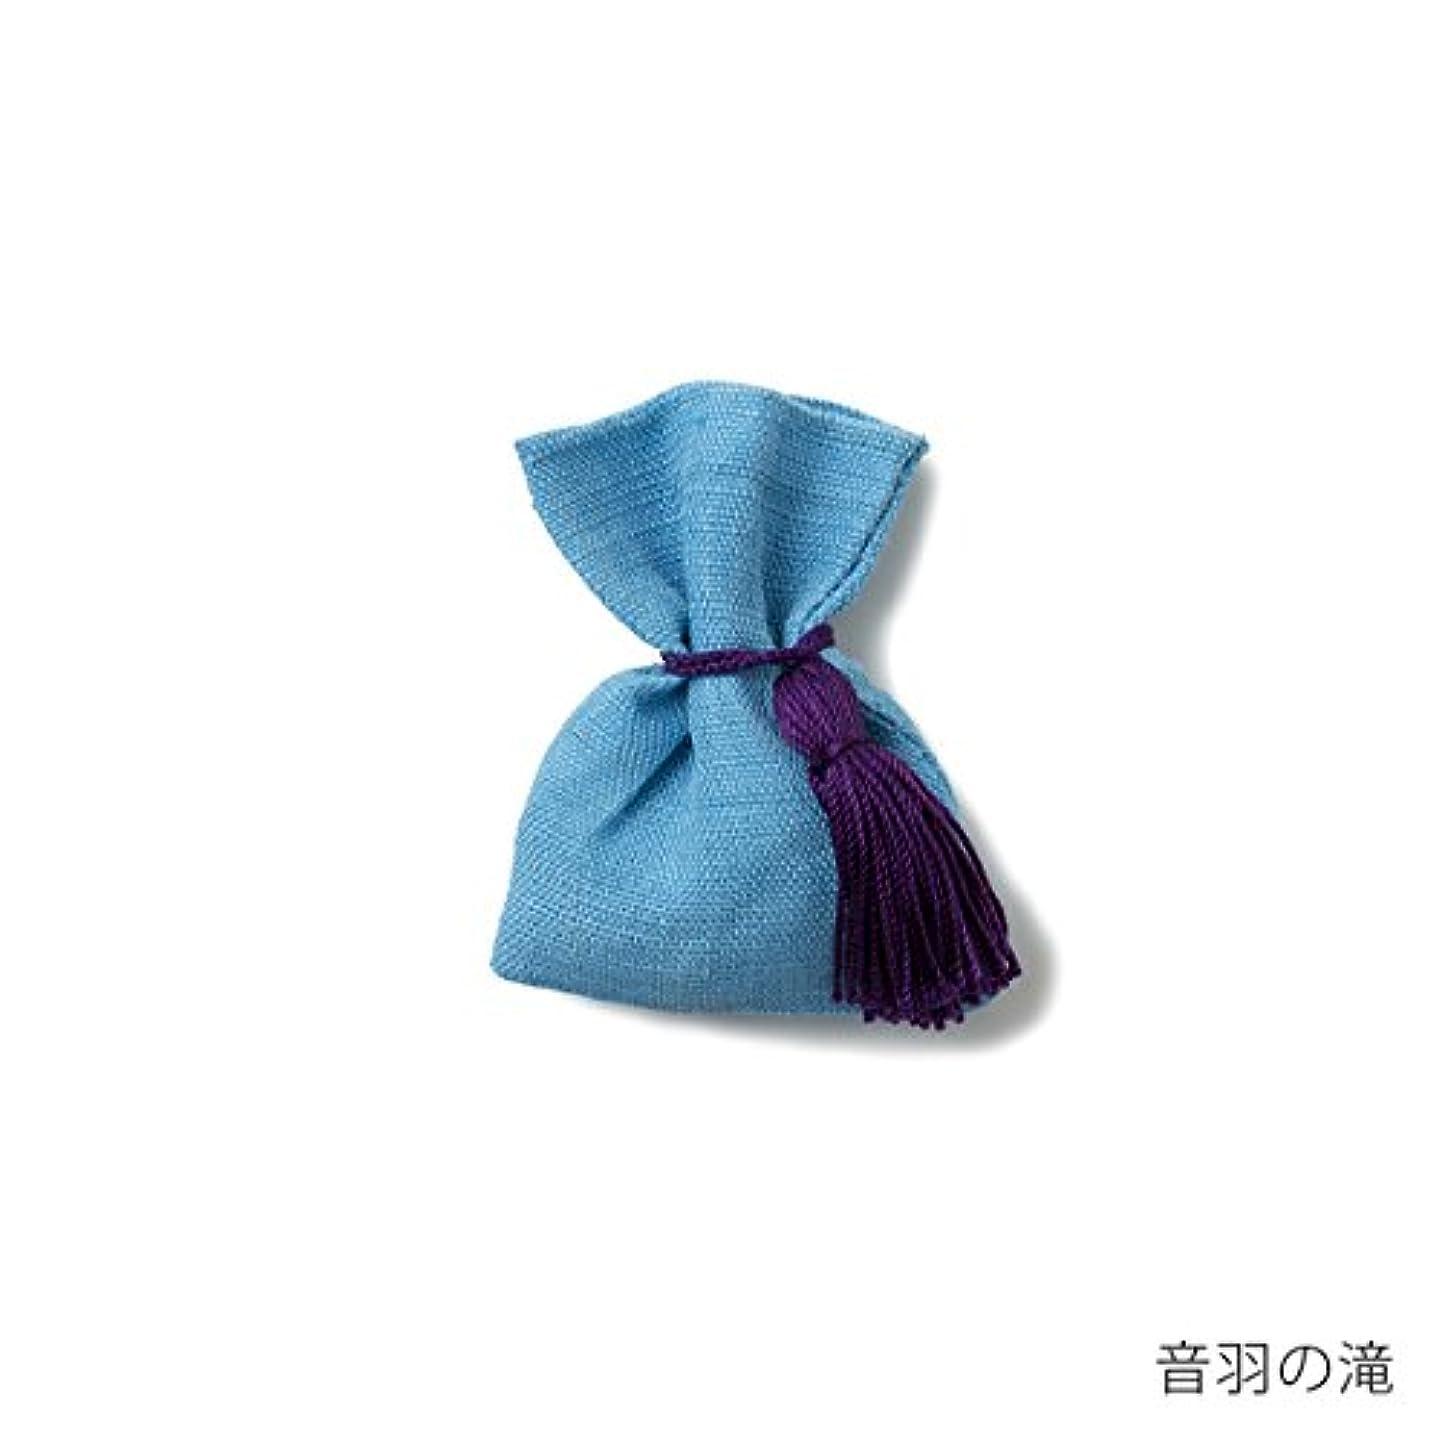 うぬぼれ思いやりのあるブランド名【薫玉堂】 京の香り 香袋 音羽の滝